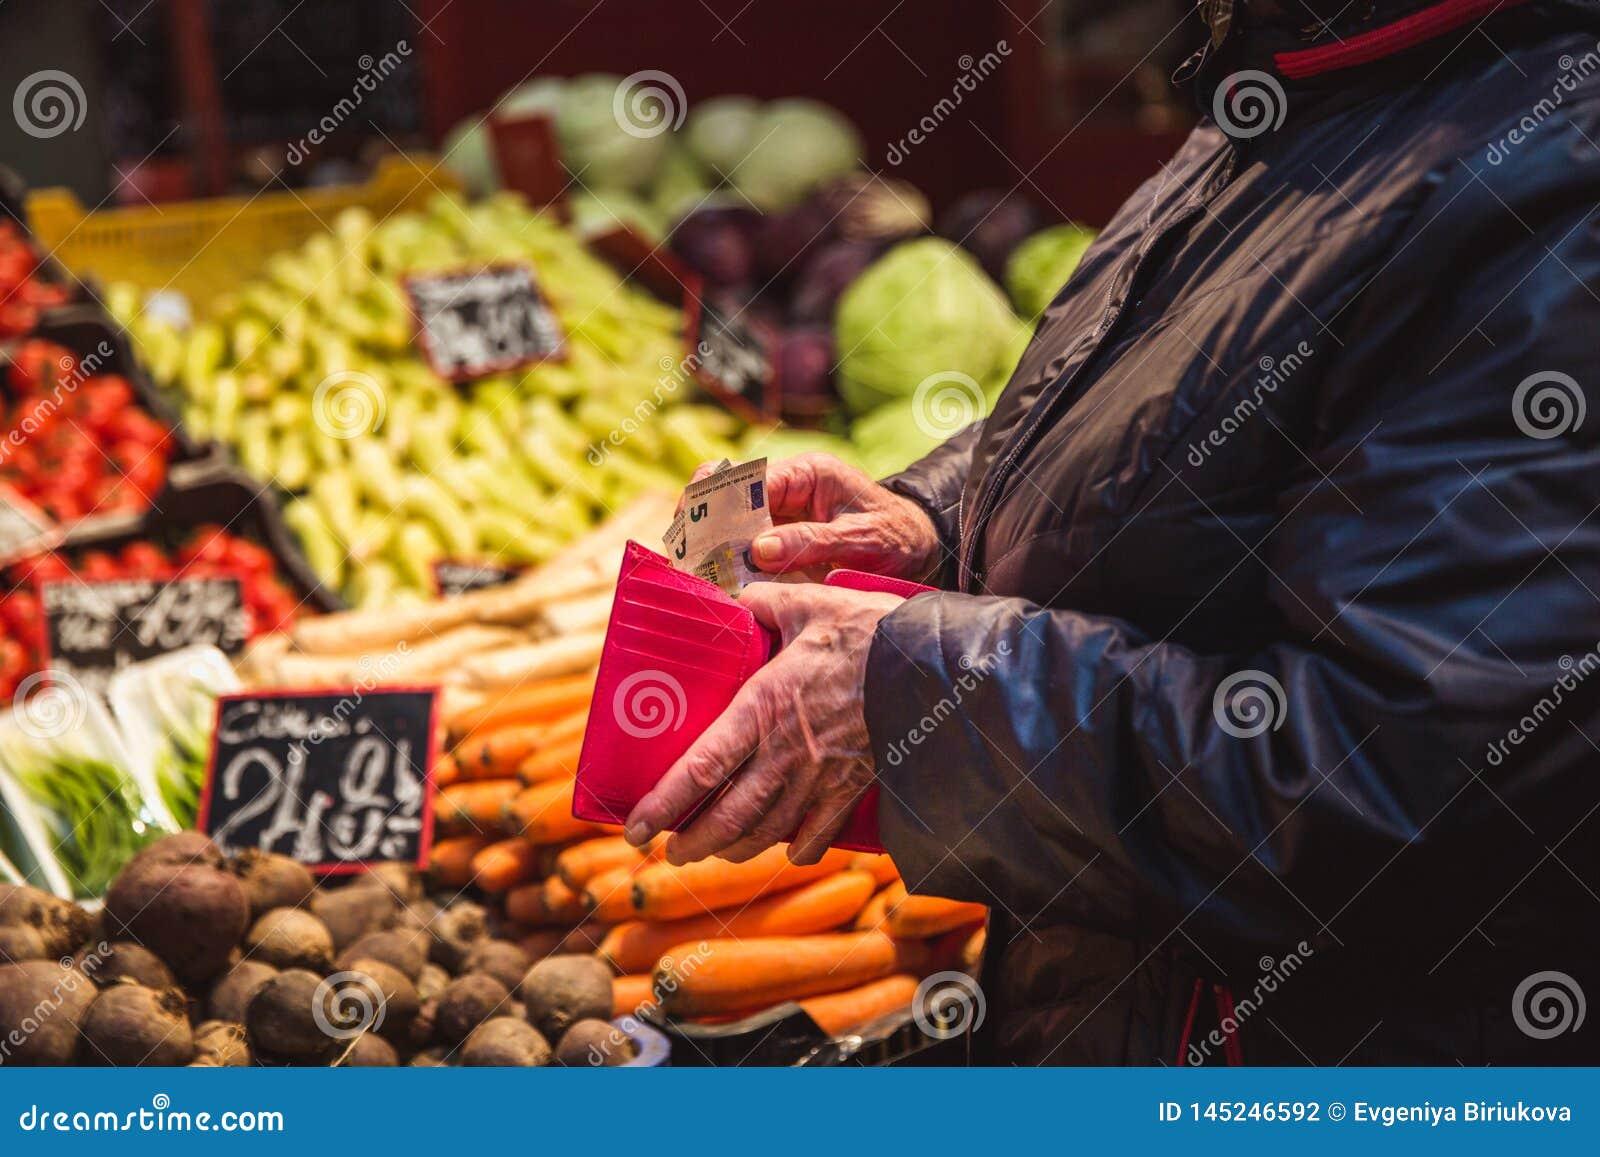 Kvinnan tar pengar ut från plånboken på marknad